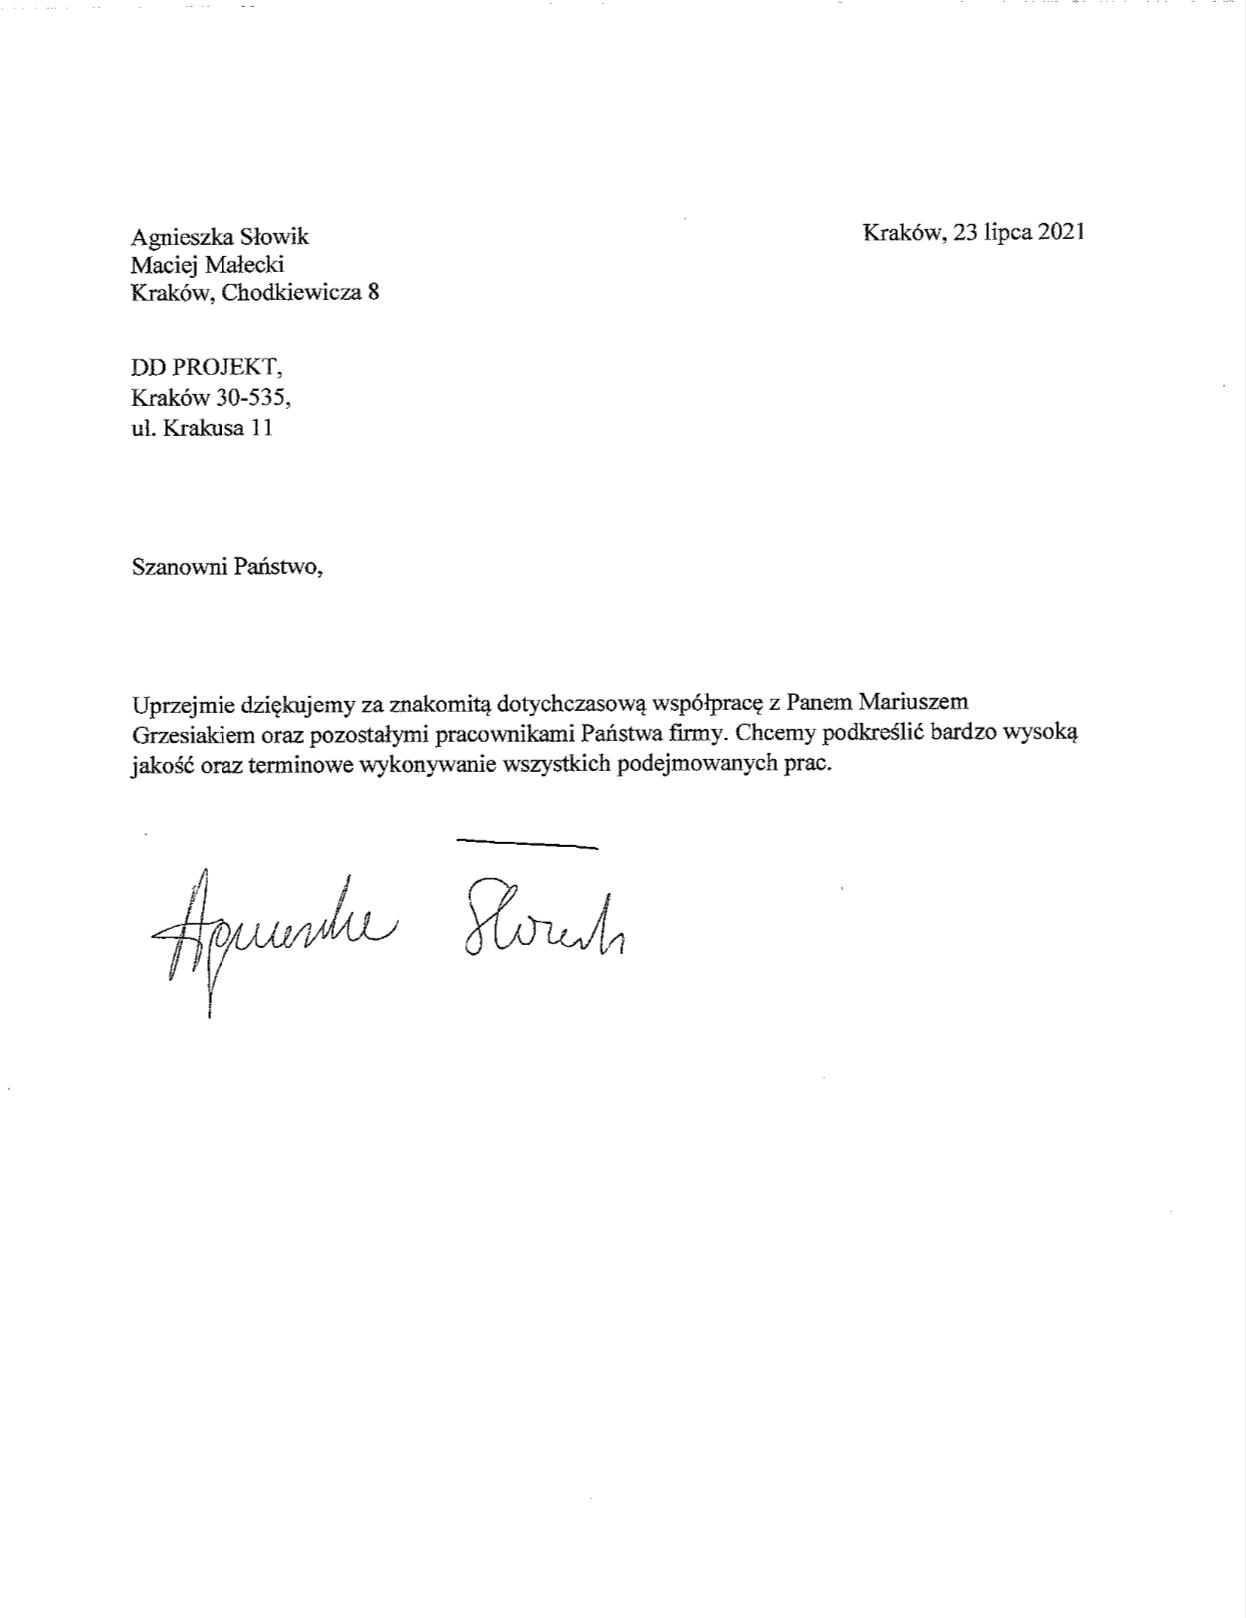 https://ddprojekt.pl/wp-content/uploads/2021/07/Referencja-Agnieszka-Słowik.png